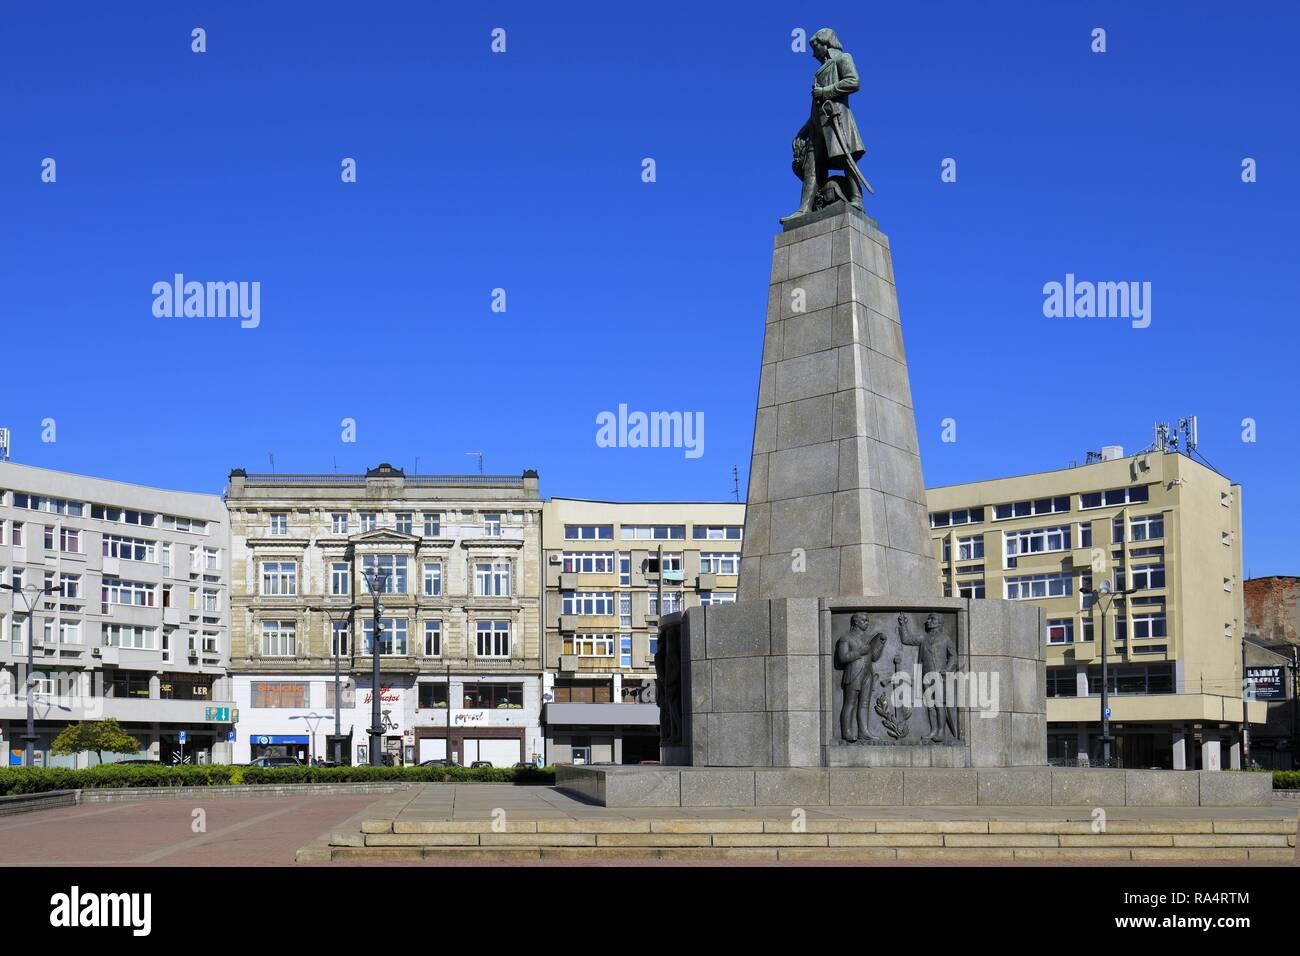 Lodz, Plac Wolnosci jako poczatek ulicy Piotrkowskiej i pomnik Tadeusza Kosciuszki Historic quarter of Lodz and Tadeusz Kosciuszko monument at the Wolnosci Freedom Square - Stock Image